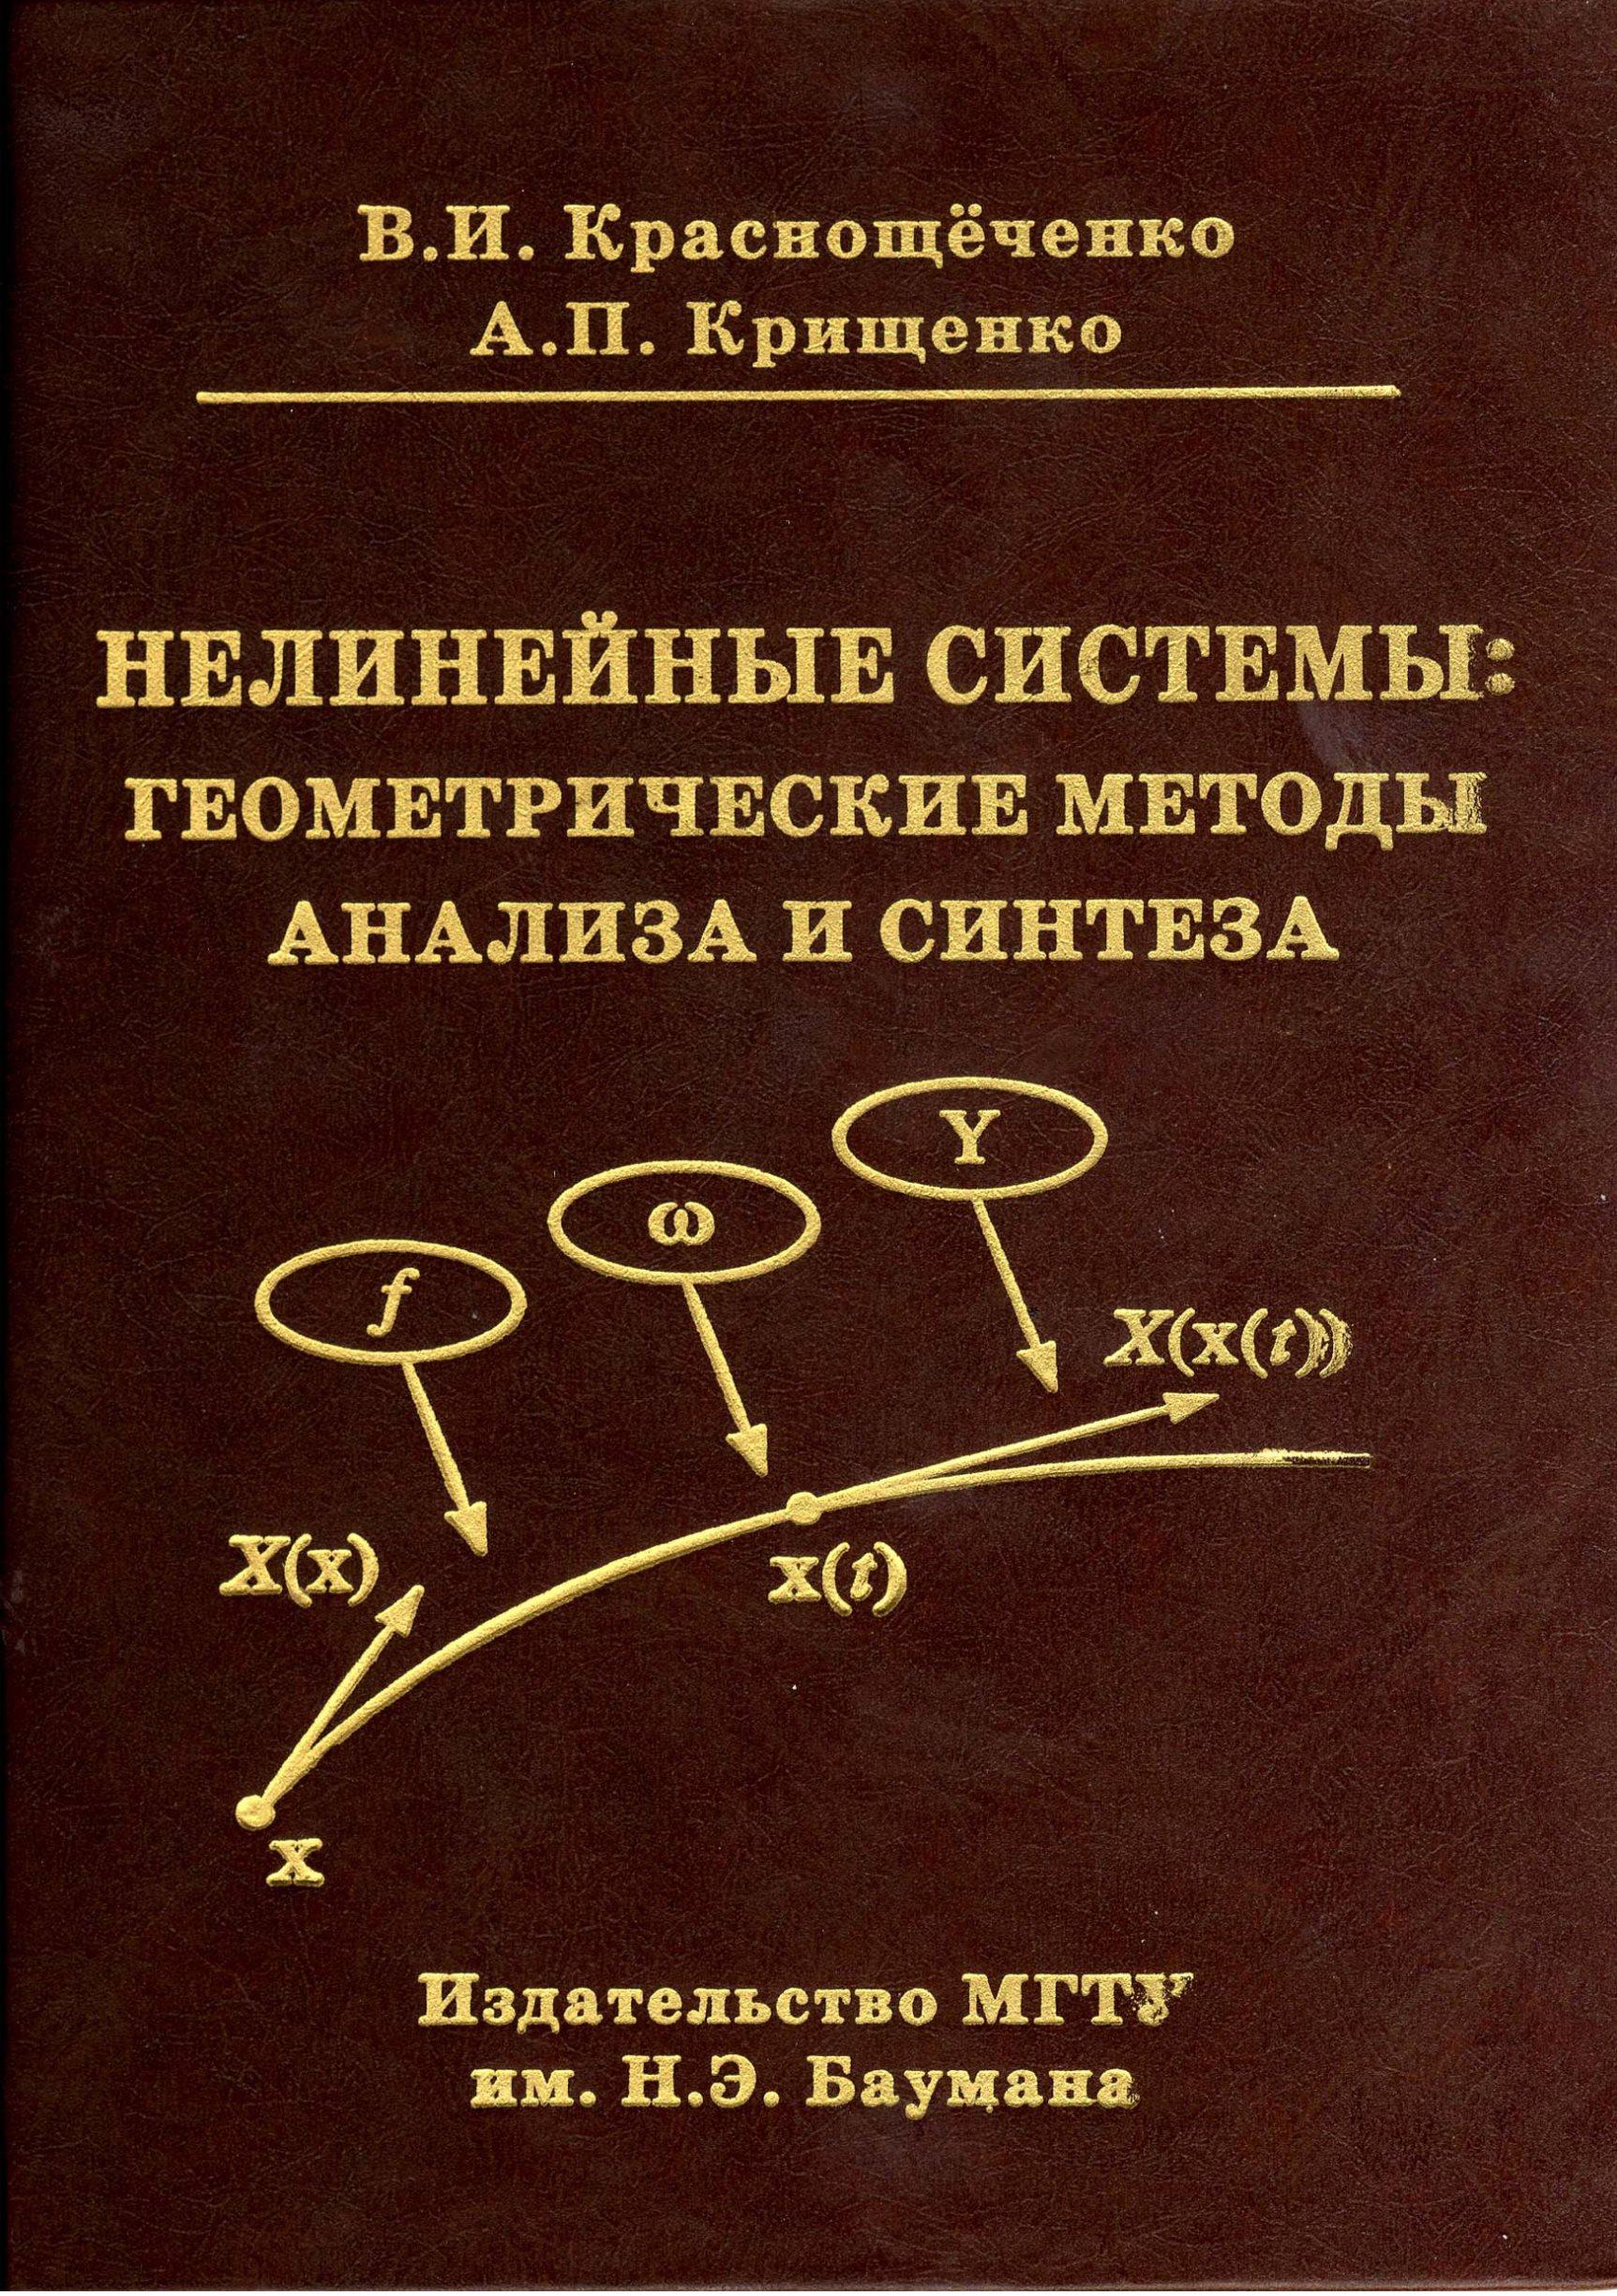 Нелинейные системы: геометрические методы анализа и синтеза